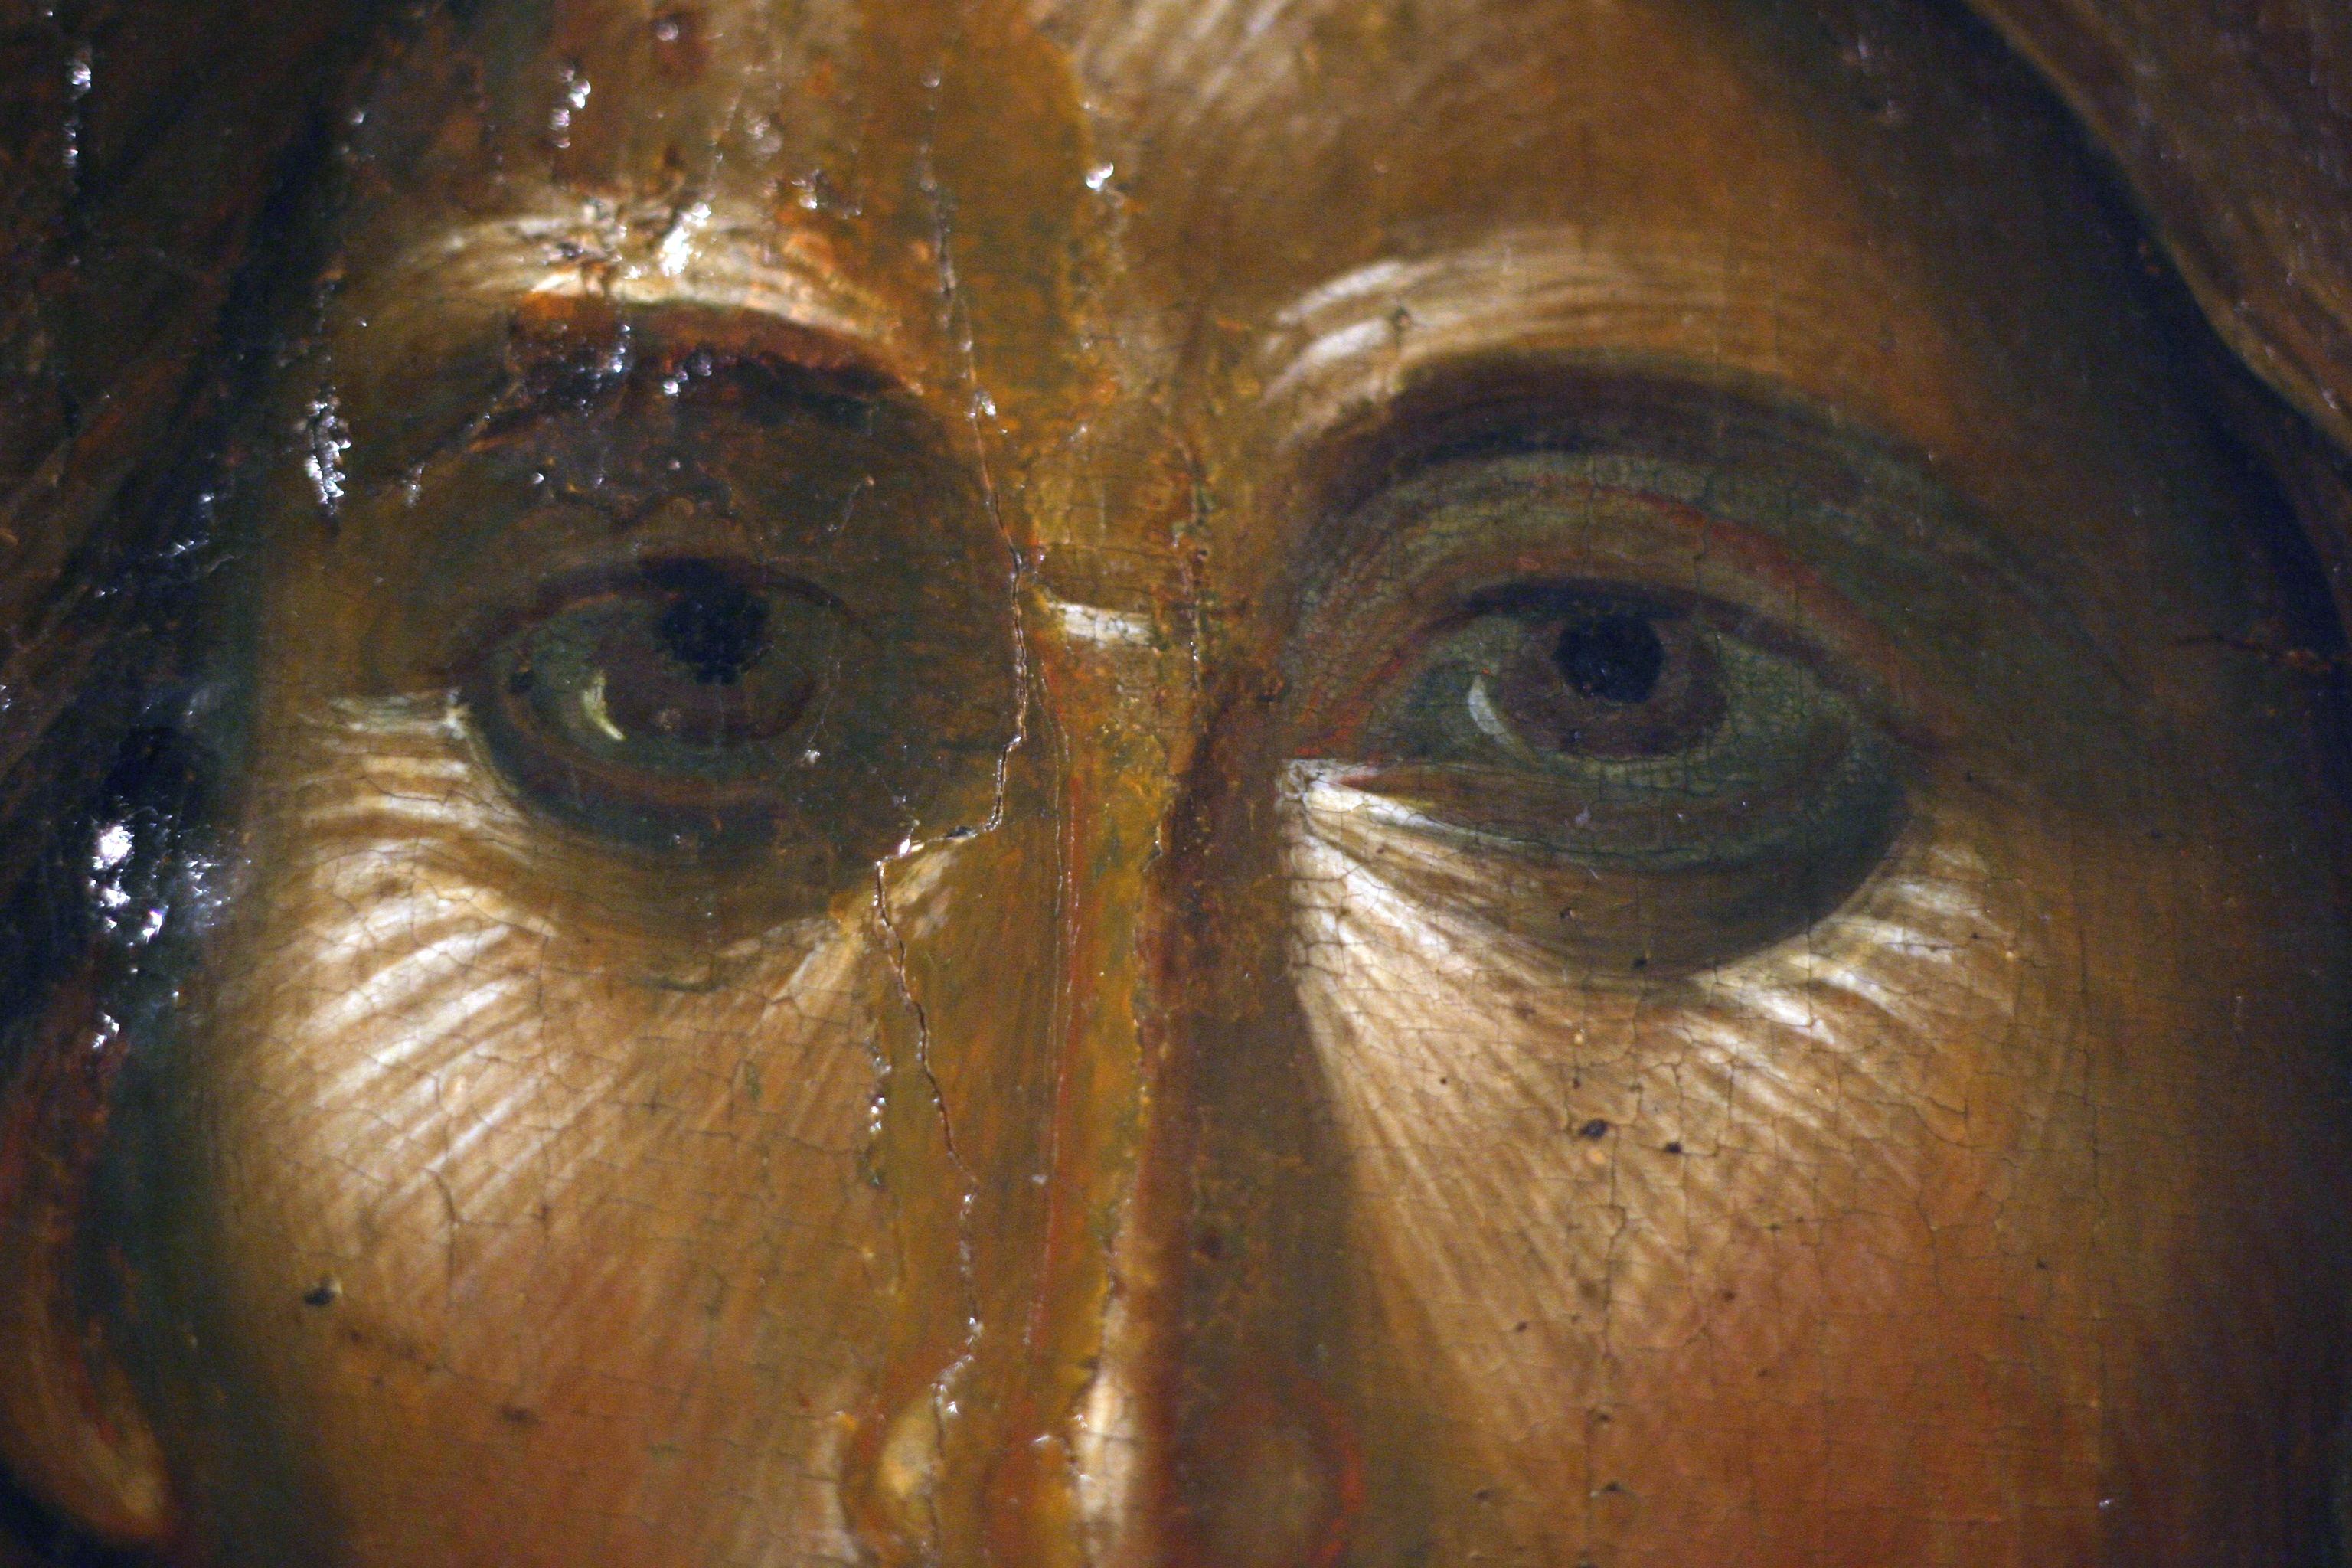 Христос Пантократор. Византийская икона. Около 1363 года. ГЭ. Фрагмент.